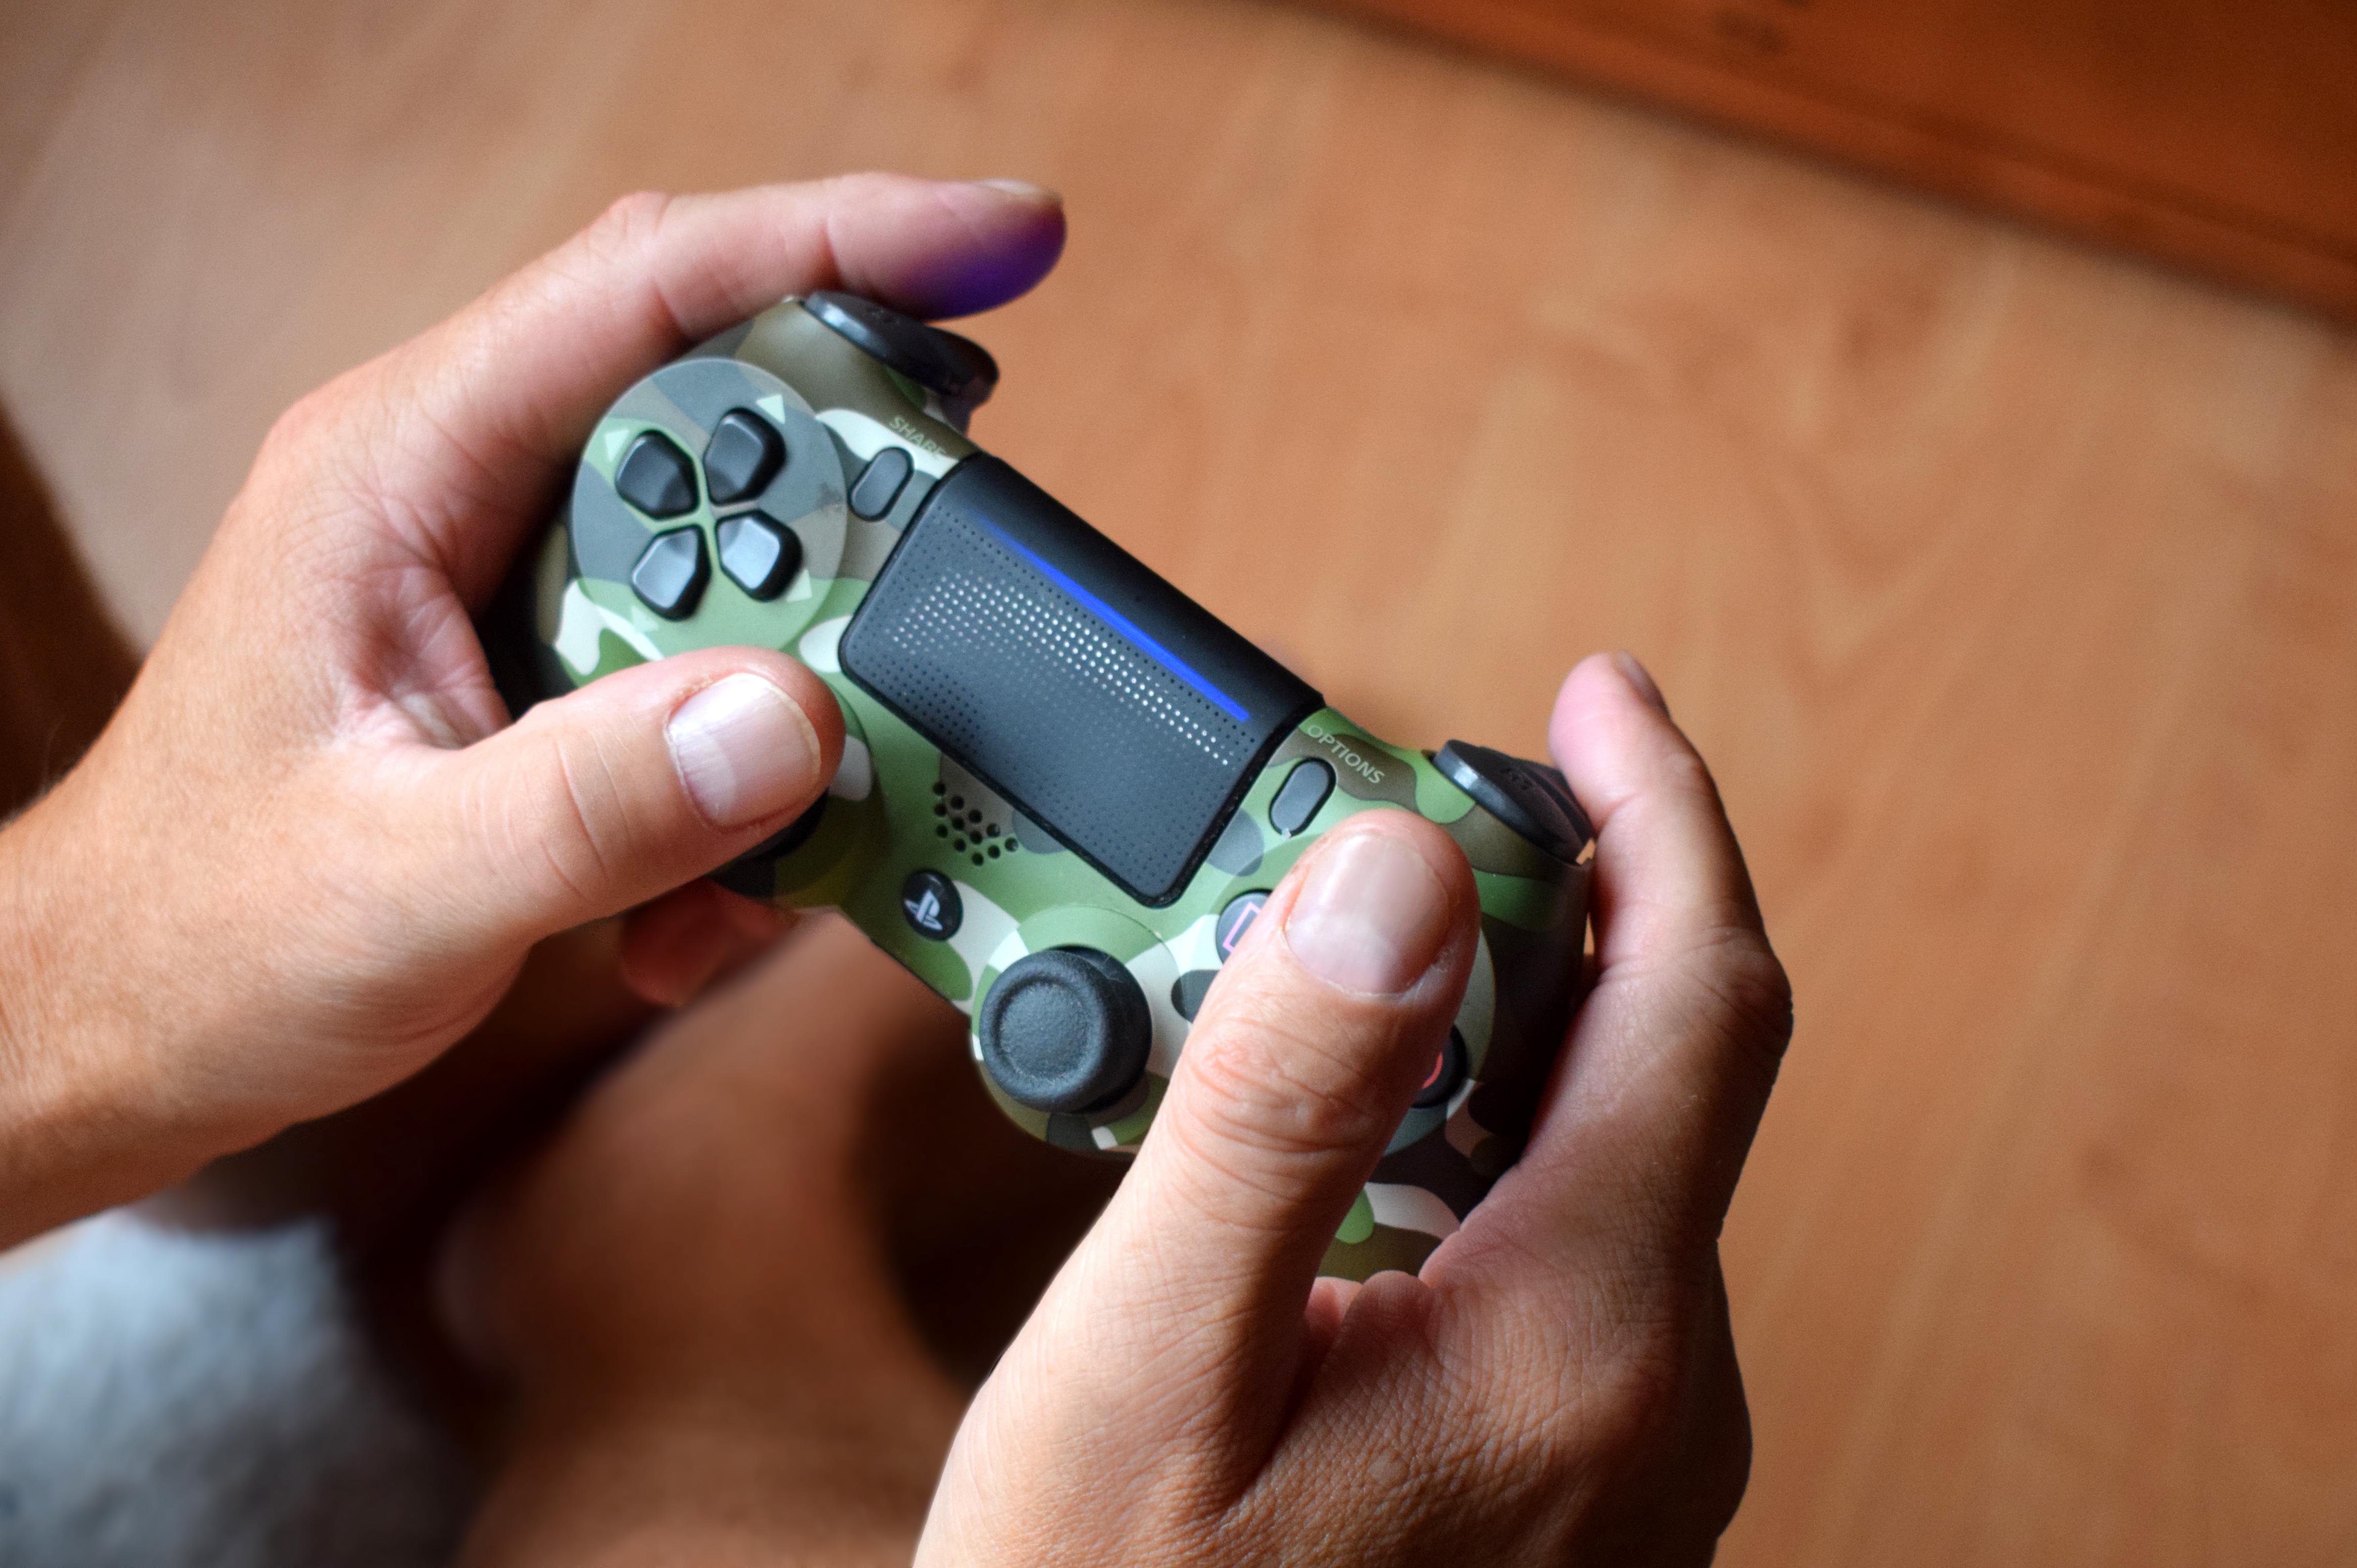 Playstation: Abende, an dem das Wohnzimmer regelmäßig ins kämpferische Chaos stürzt!